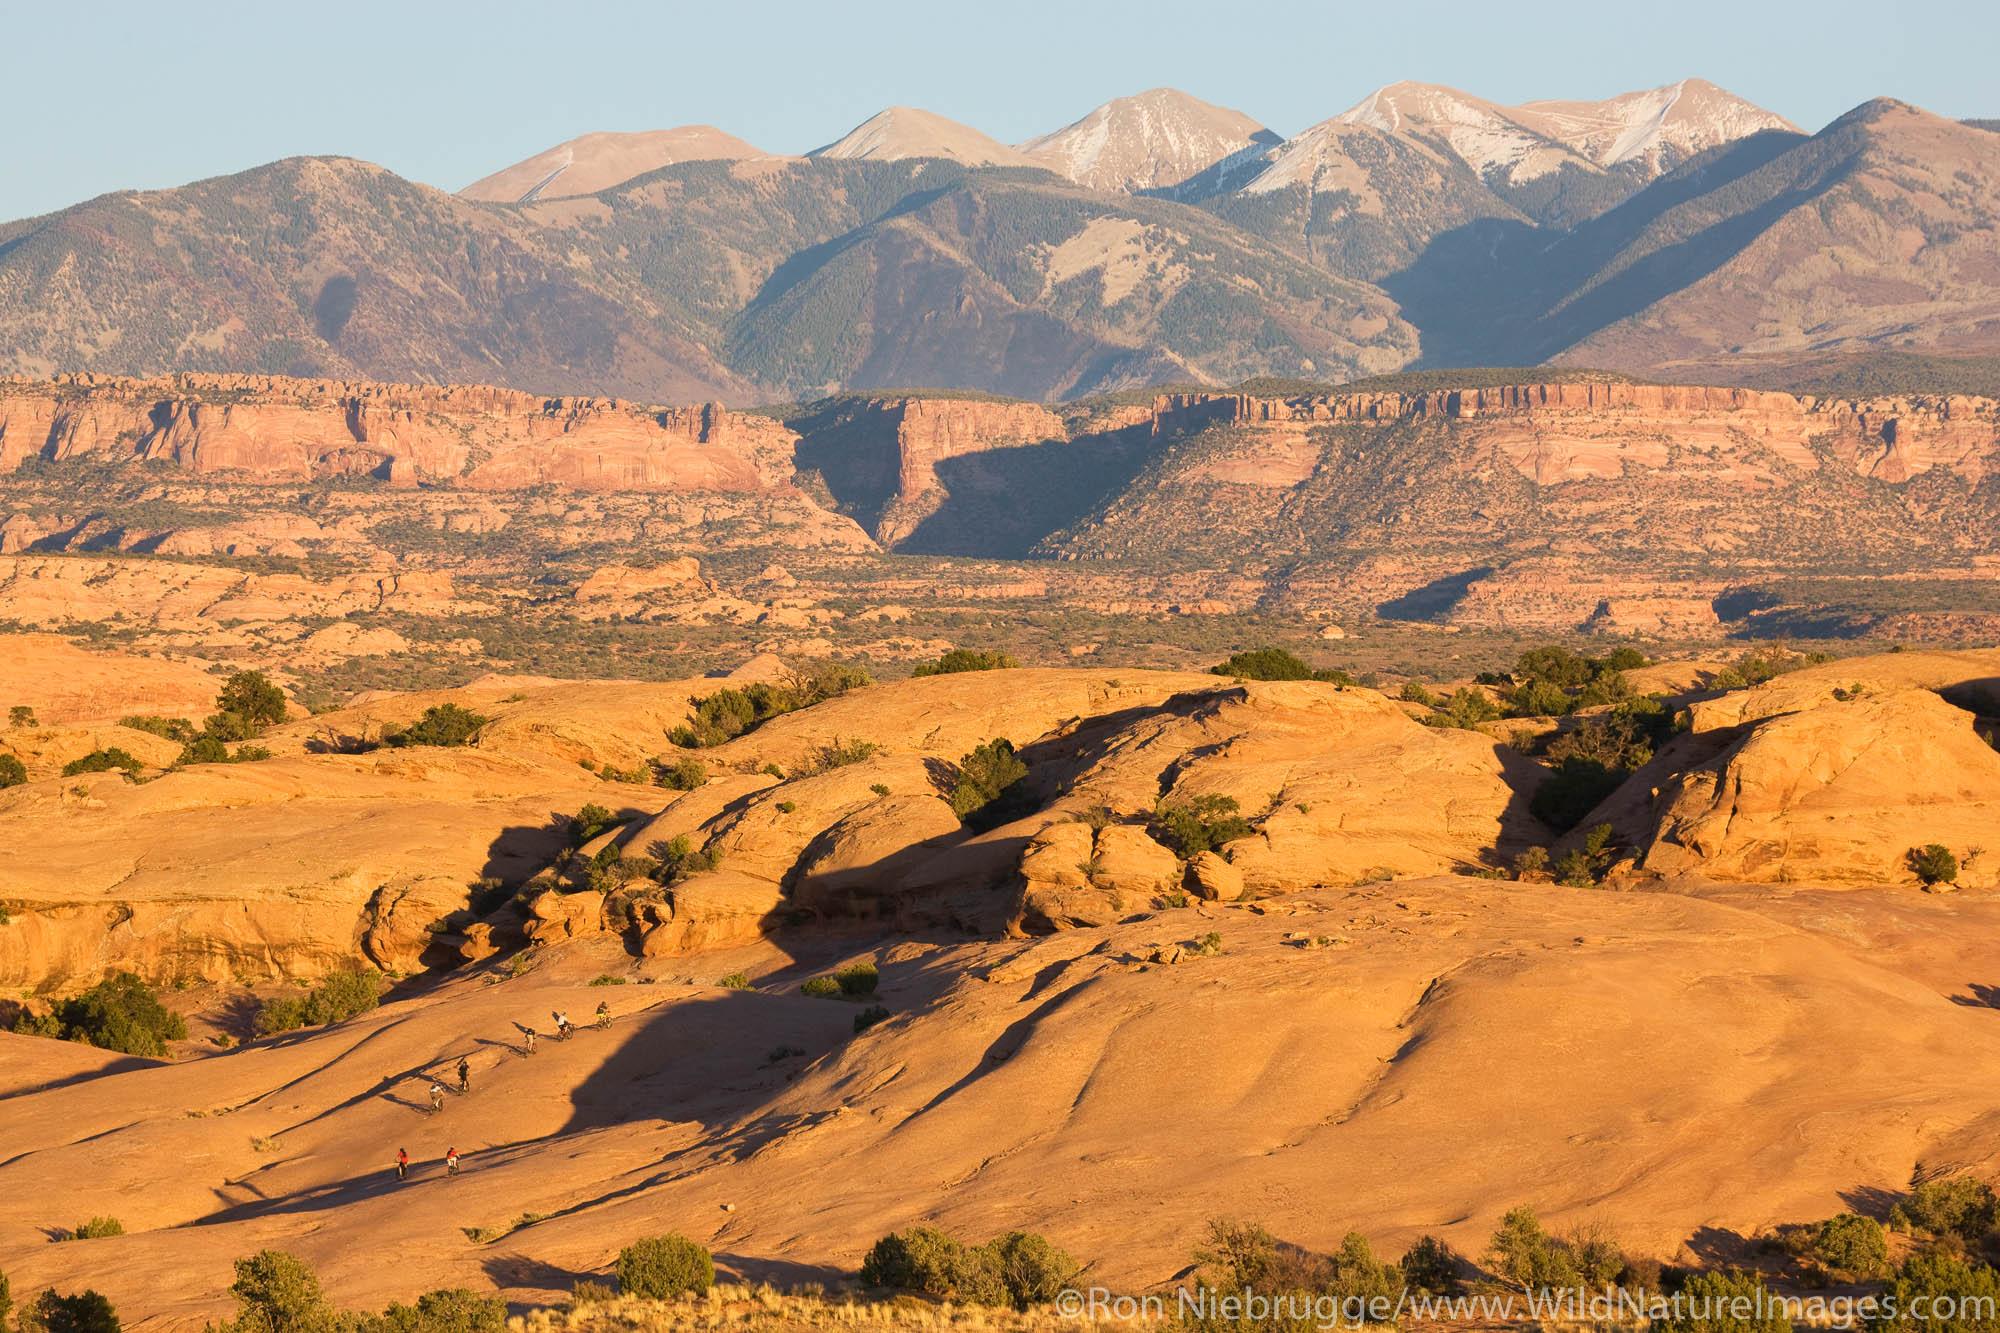 Riding the famous Slickrock Trail, Moab, Utah.